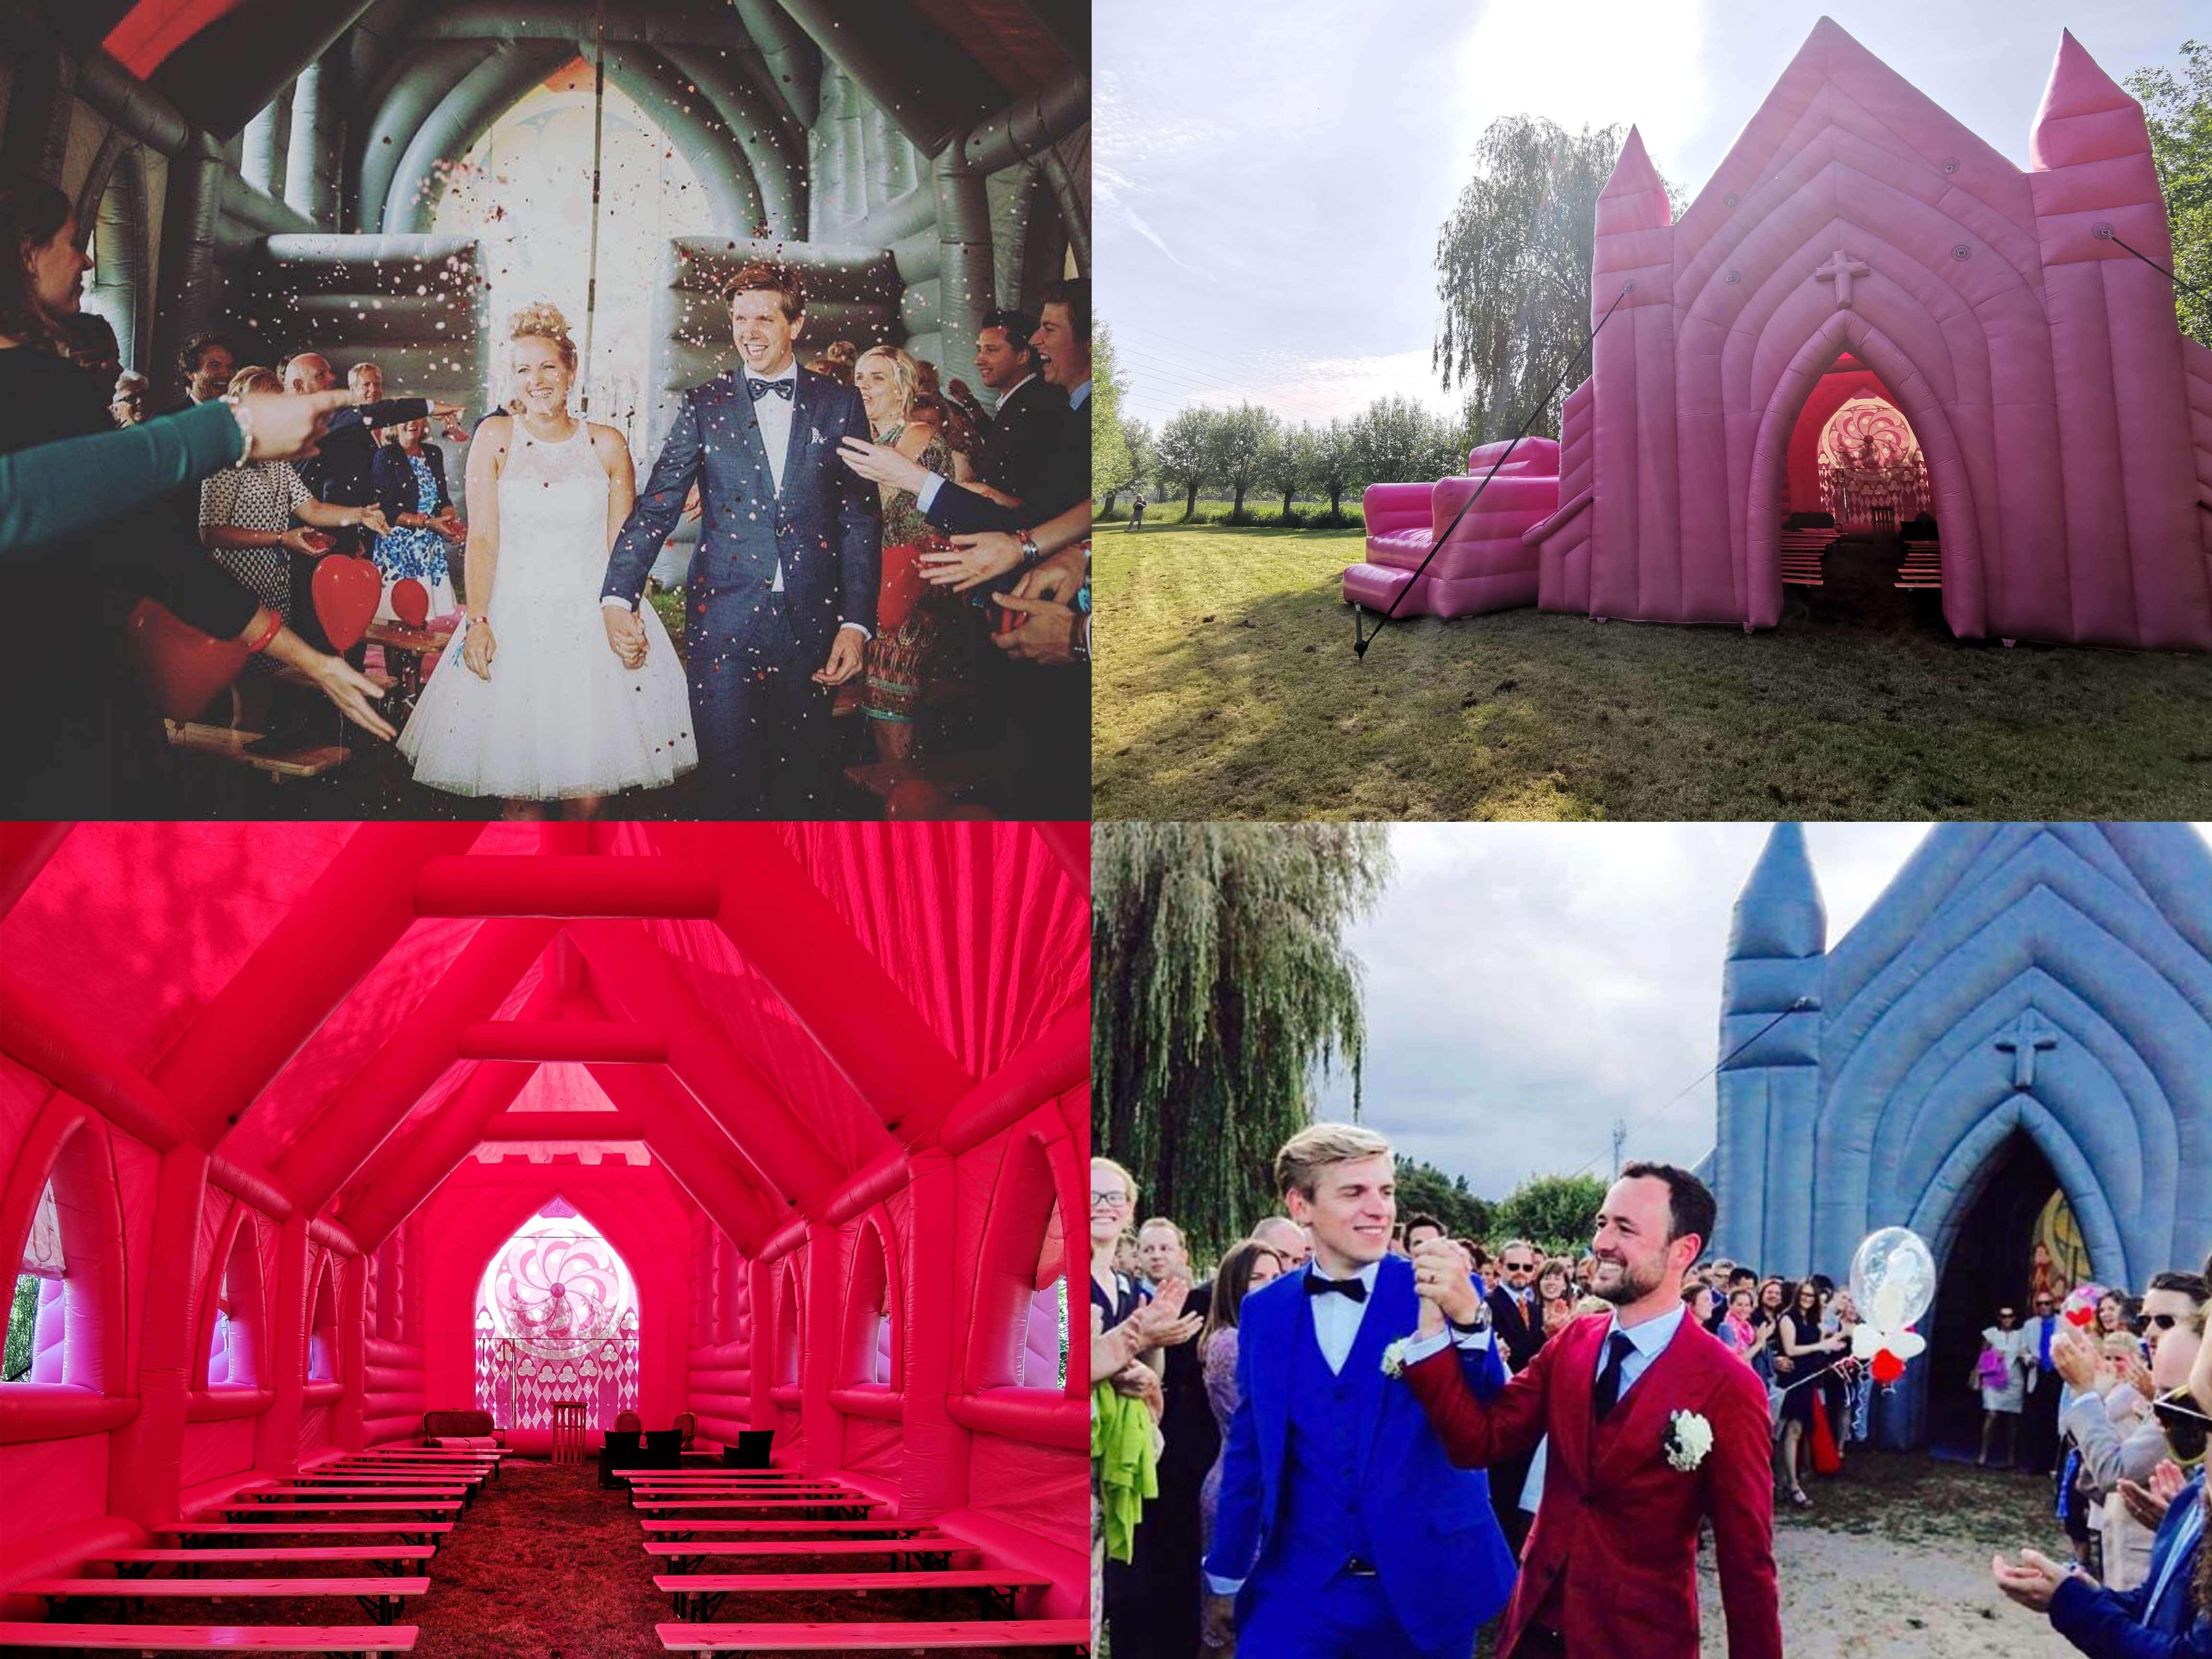 Trouwen in een roze kerk